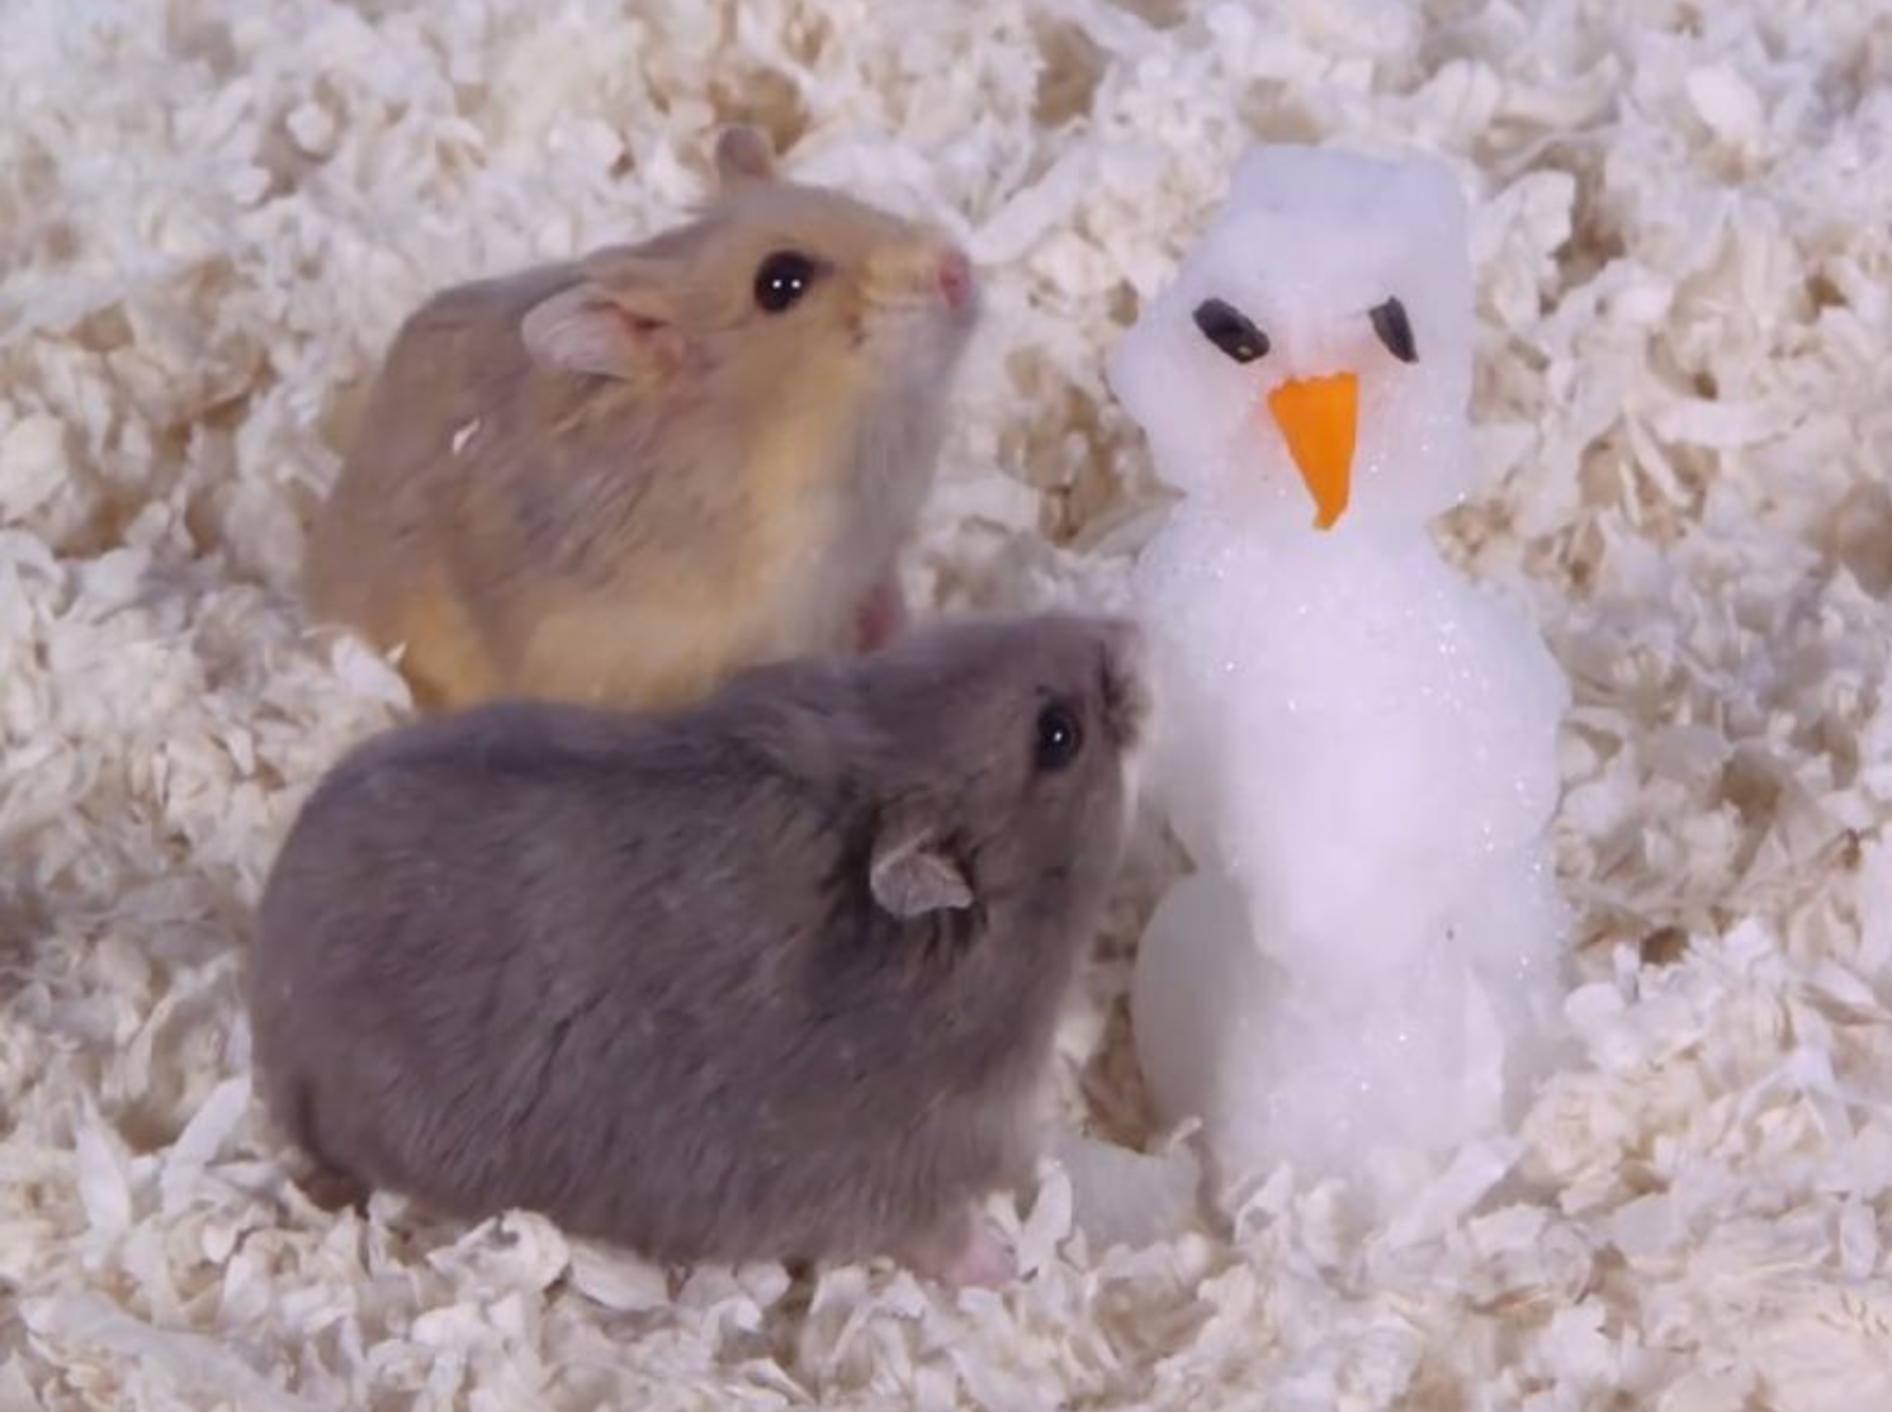 Zwei süße kleine Hamster bauen einen Schneemann – YouTube / AprilsAnimals